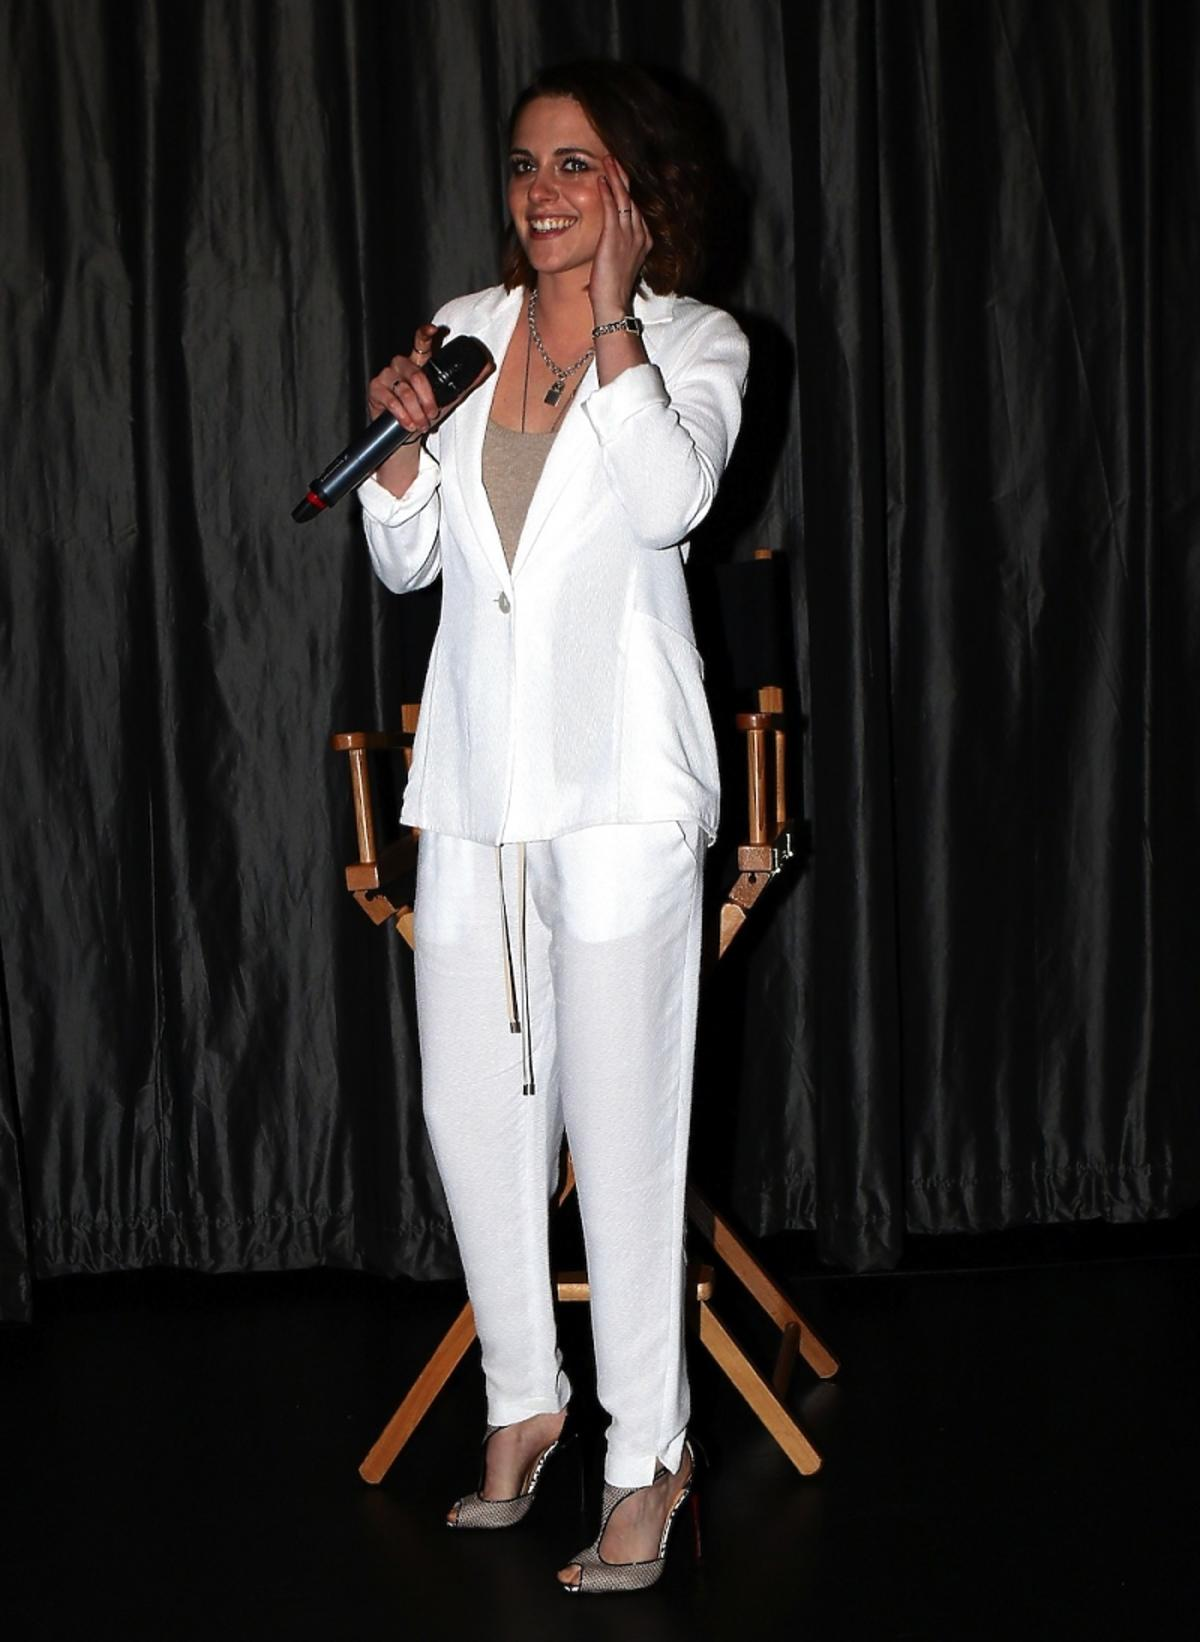 Kristen Stewart w białym garniturze przy mikrofonie